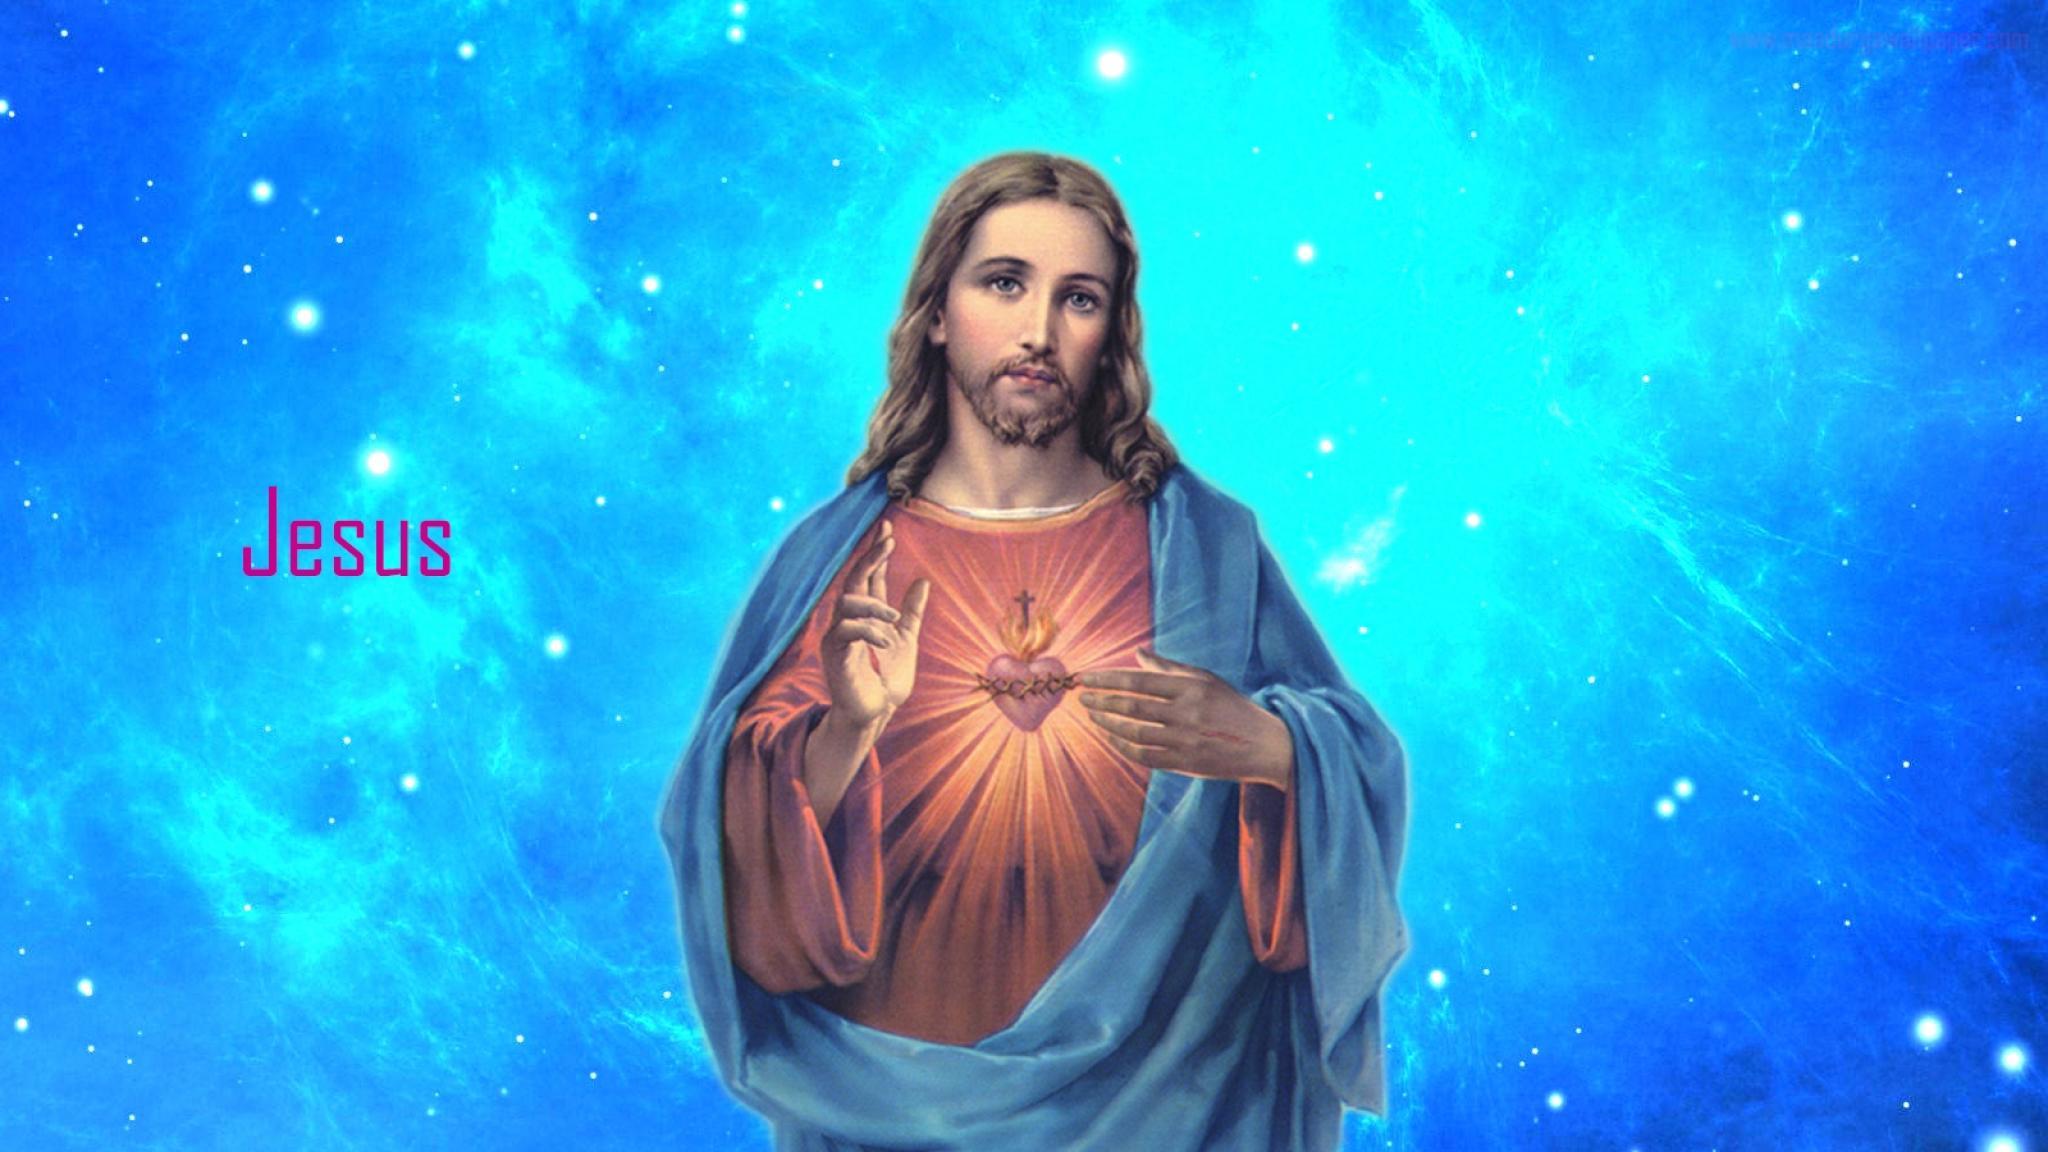 Jesus Wallpapers KT1748H 042 Mb WallpapersExpertcom 2048x1152